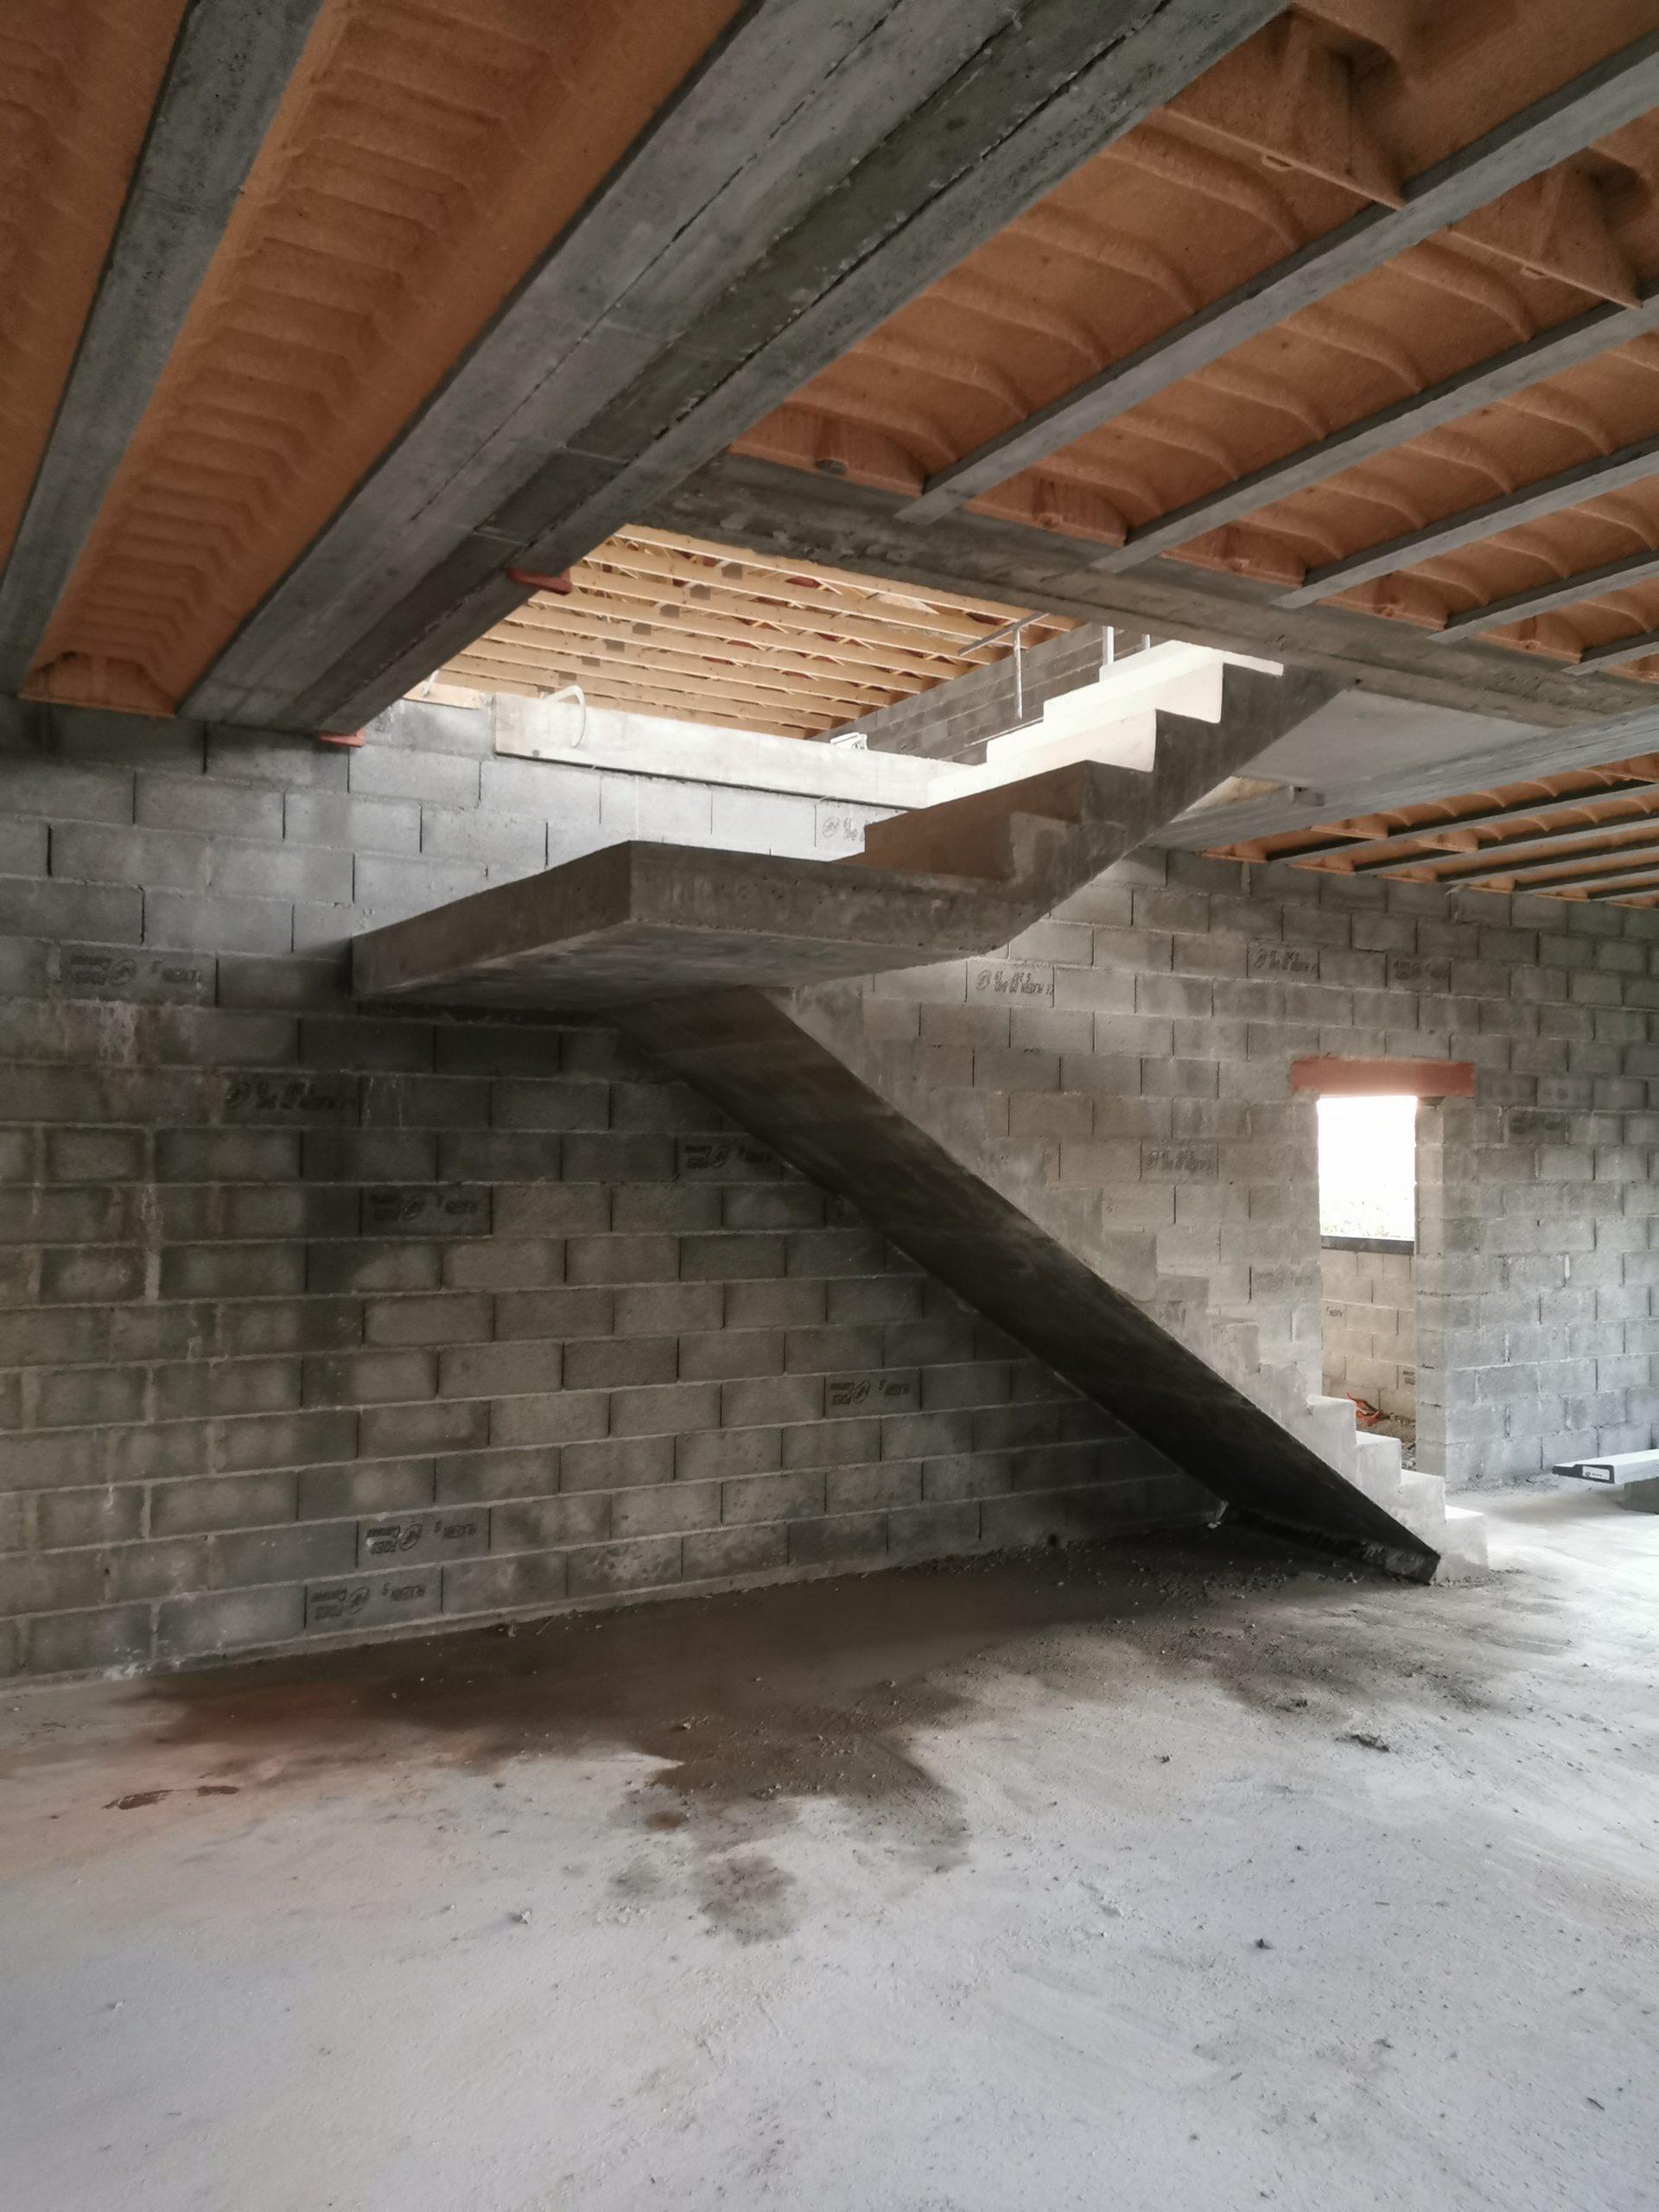 Palier intermédiaire entre les deux volées droites de l'escalier